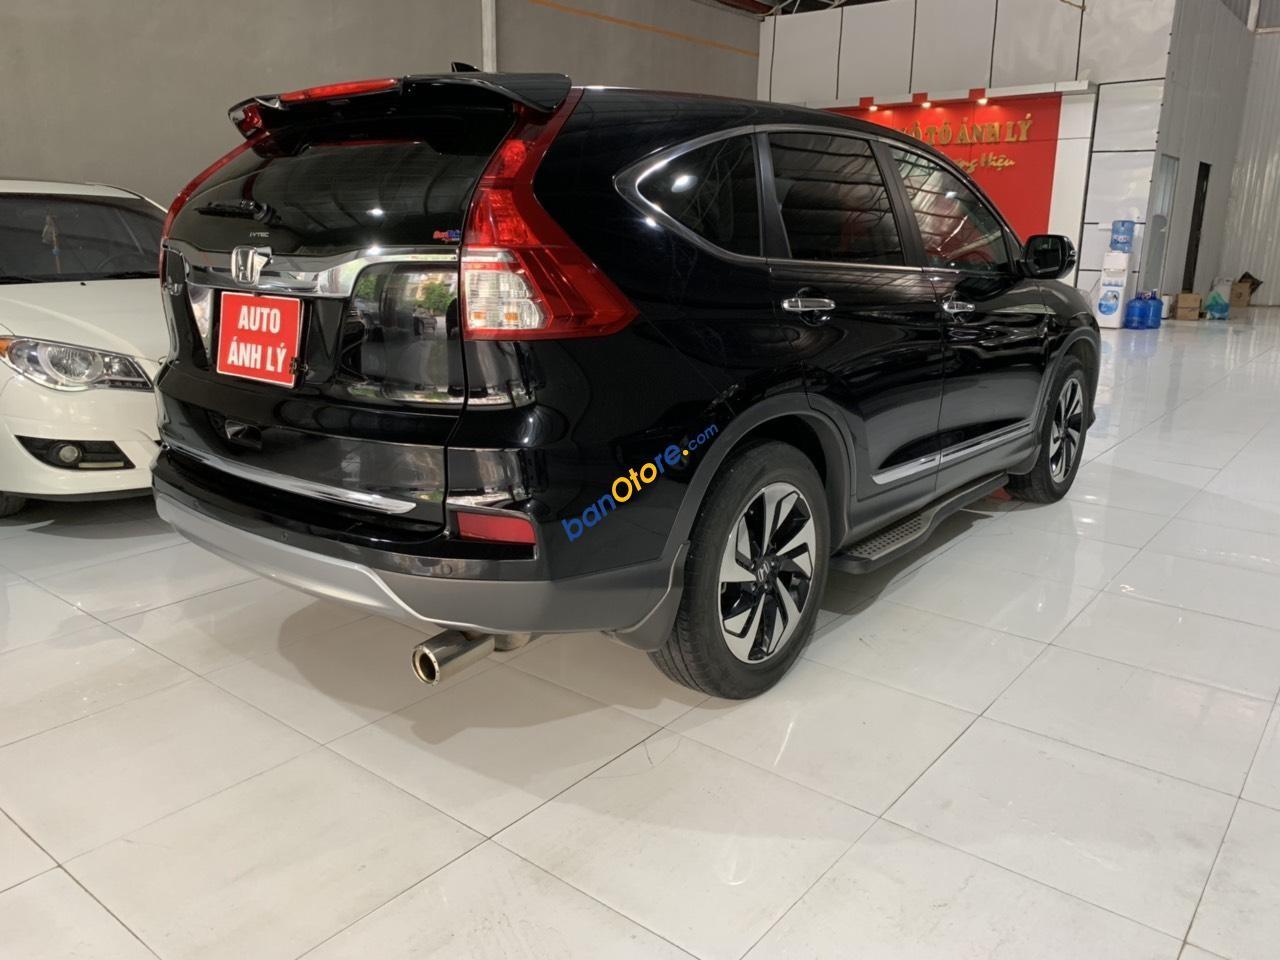 Cần bán Honda CR V 2.4TG năm sản xuất 2017, màu đen, số tự động